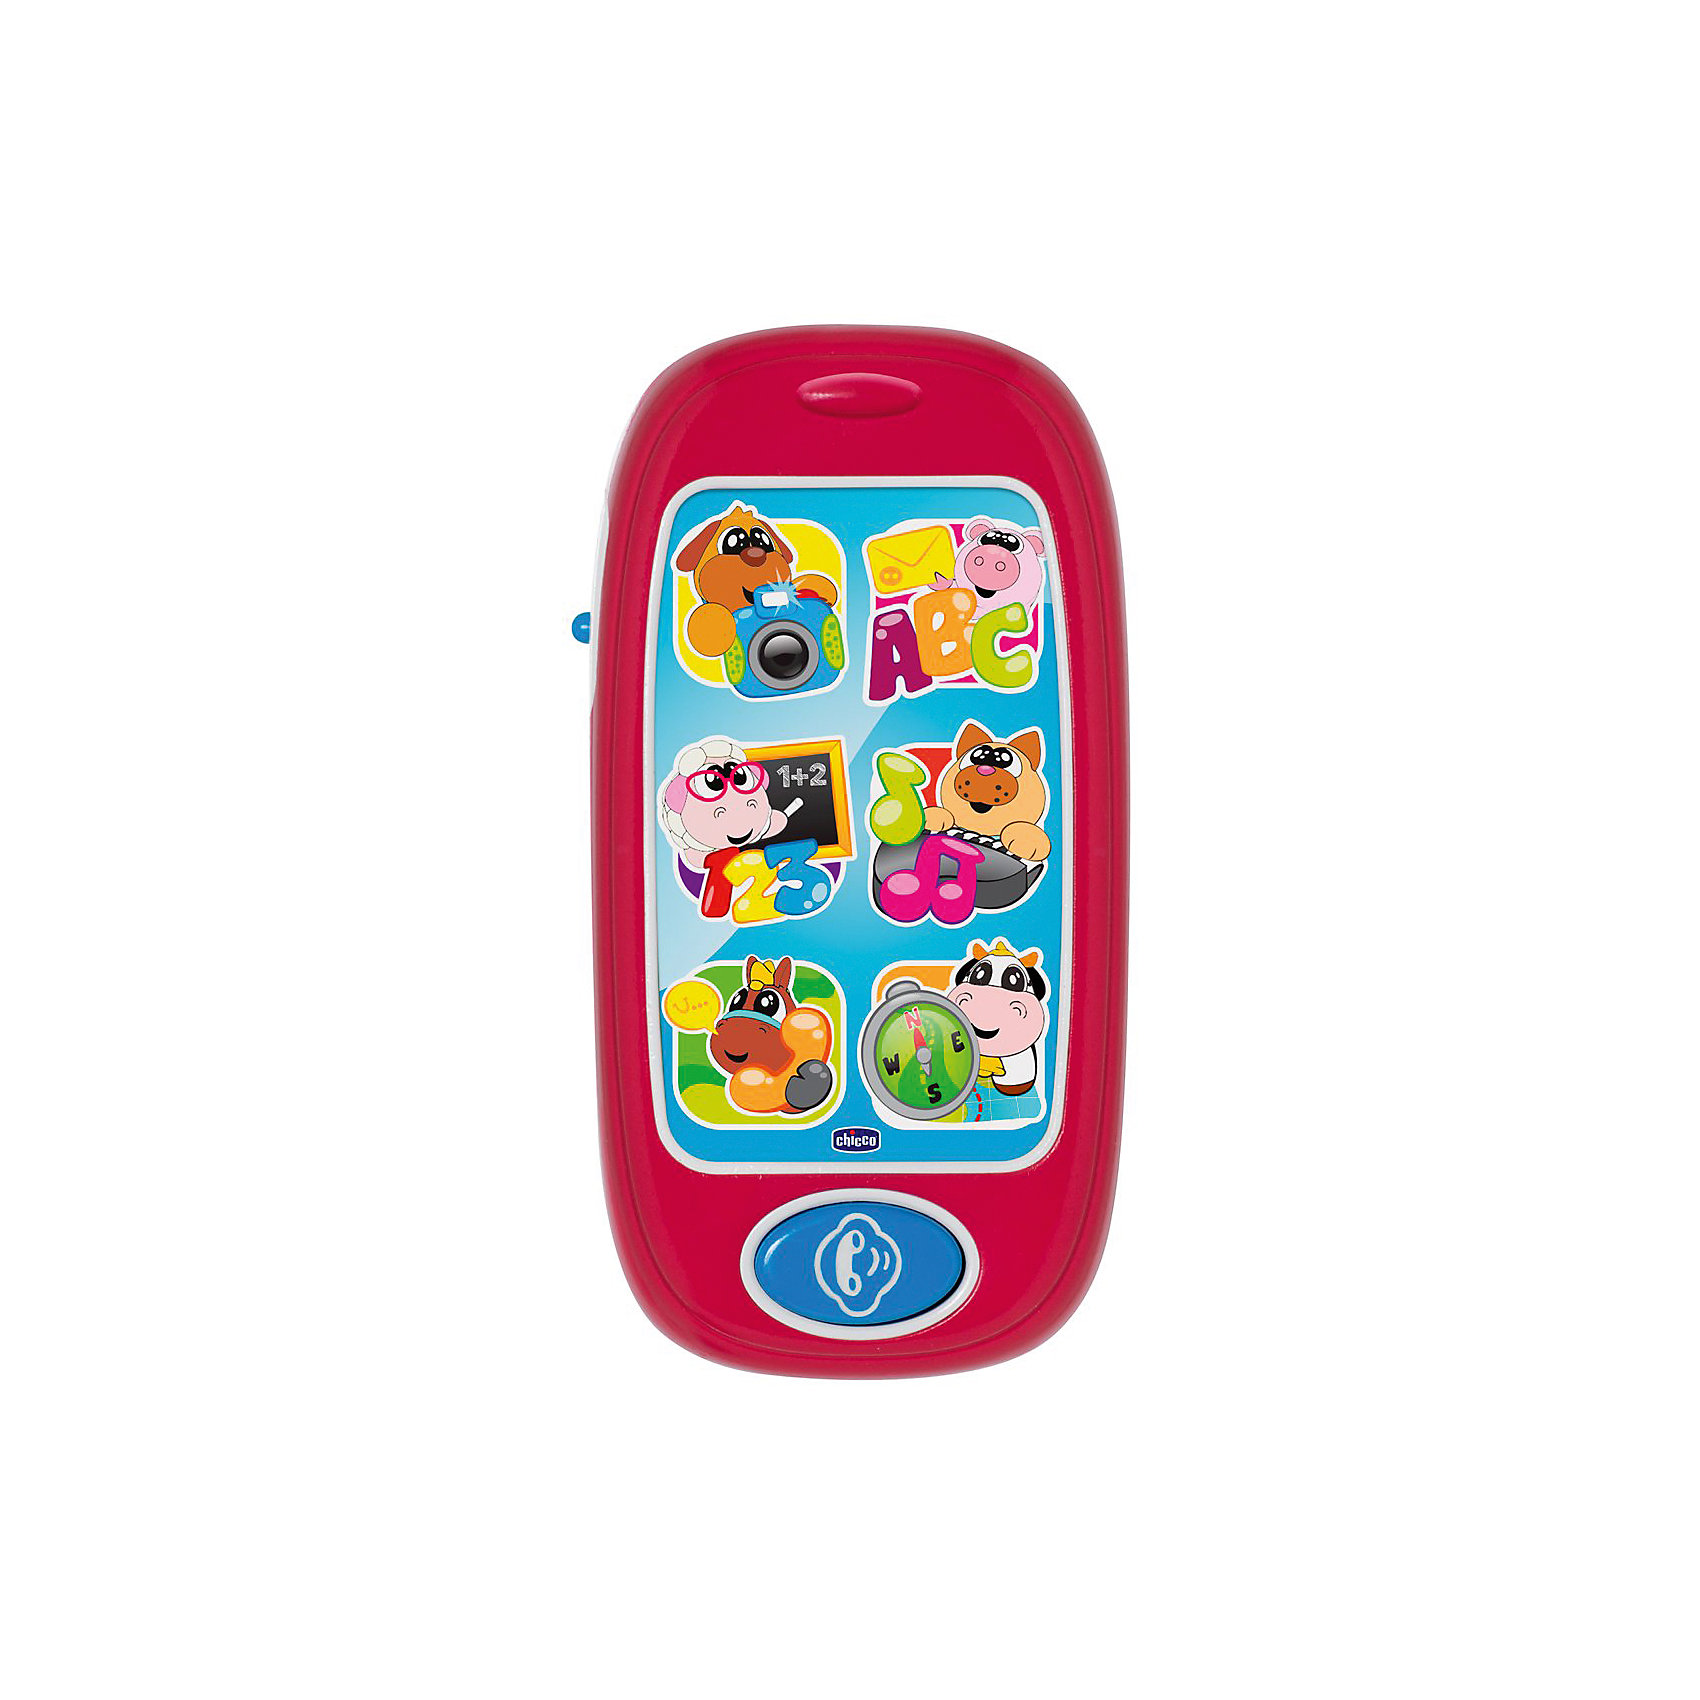 Развивающая игрушка Говорящий смартфон ABC (рус/англ), ChiccoРазвивающая игрушка Говорящий смартфон ABC (рус/англ), Chicco<br><br>Характеристики:<br><br>- в набор входит: телефон<br>- состав: пластик<br>- функции: световые и звуковые эффекты, 24 мелодии<br>- элементы питания: на батарейках<br>- для детей в возрасте: от 6 месяцев до 3 лет <br>- Страна производитель: Китай<br><br>Новый смартфон из серии Двуязычная обучающая игрушка от известного итальянского бренда товаров для детей Chicco (Чико) придут по вкусу малышам. В этом телефоне семь больших кнопок и 24 разные мелодии на русском и английском языках. Шесть веселых животных: собачка, хрюшка, овечка, котик, лошадка и коровка помогут малышу научиться цифрам, буквам, дням недели, направлению движения, стихам, звукам животных, песням для детей и мелодиям. Кнопки с животными мигают. <br><br>Элементы питания надежно спрятаны внутри телефона и ребенок не сможет их достать, с помощью отвертки можно их заменить. Играя с телефоном малыш сможет развивать тактильное, звуковое и цветовое восприятие, сможет развивать память, логическое мышление научиться базовым фразам на двух языках.<br><br>Развивающую игрушку Говорящий смартфон ABC (рус/англ), Chicco можно купить в нашем интернет-магазине.<br><br>Ширина мм: 141<br>Глубина мм: 204<br>Высота мм: 46<br>Вес г: 180<br>Возраст от месяцев: 6<br>Возраст до месяцев: 36<br>Пол: Унисекс<br>Возраст: Детский<br>SKU: 5379345